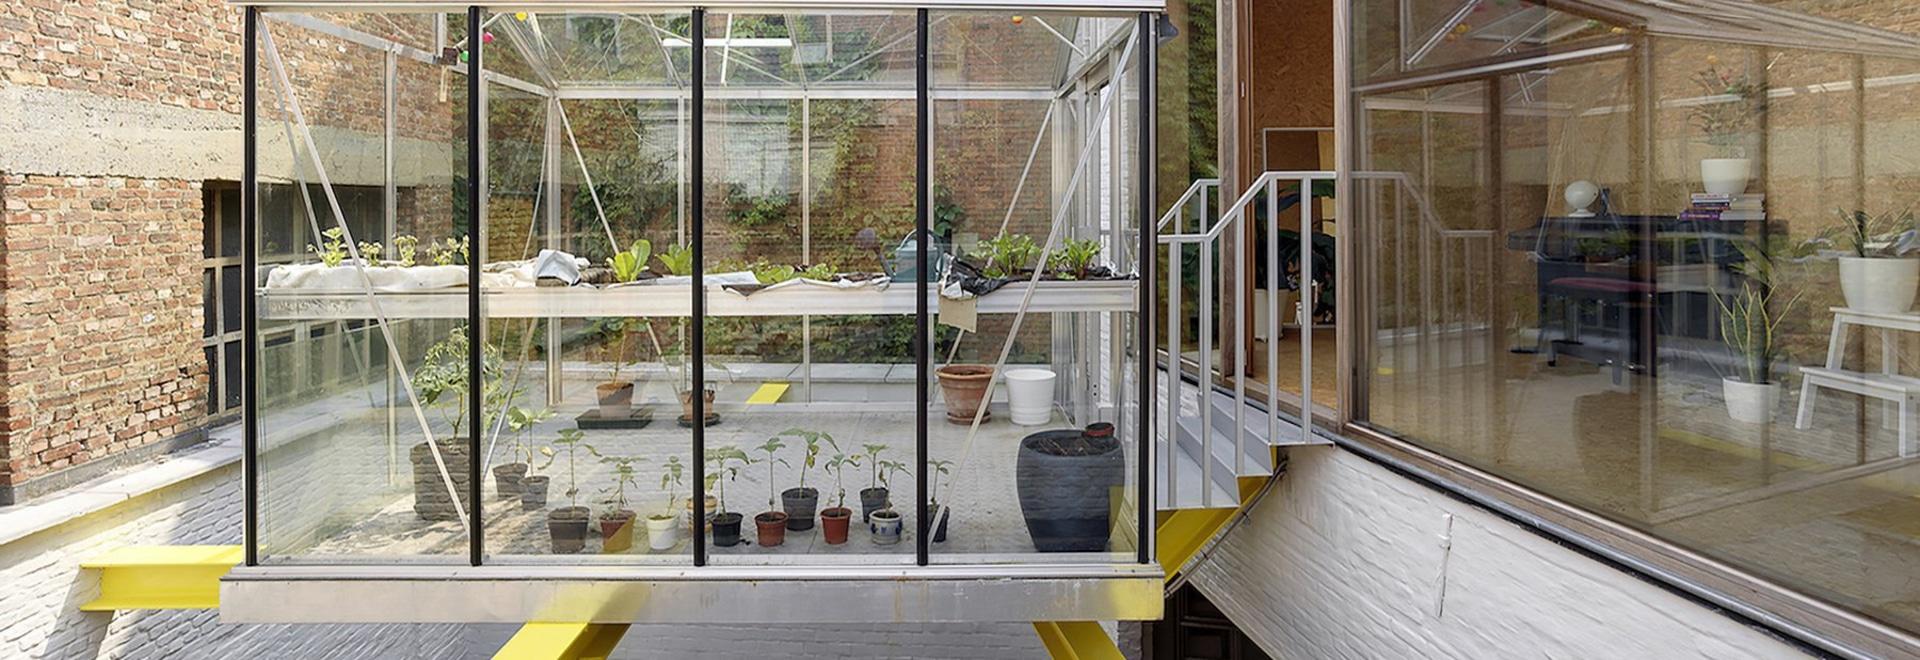 el dmvA suspende el invernadero para el cultivo urbano sobre las barras de acero en Bélgica